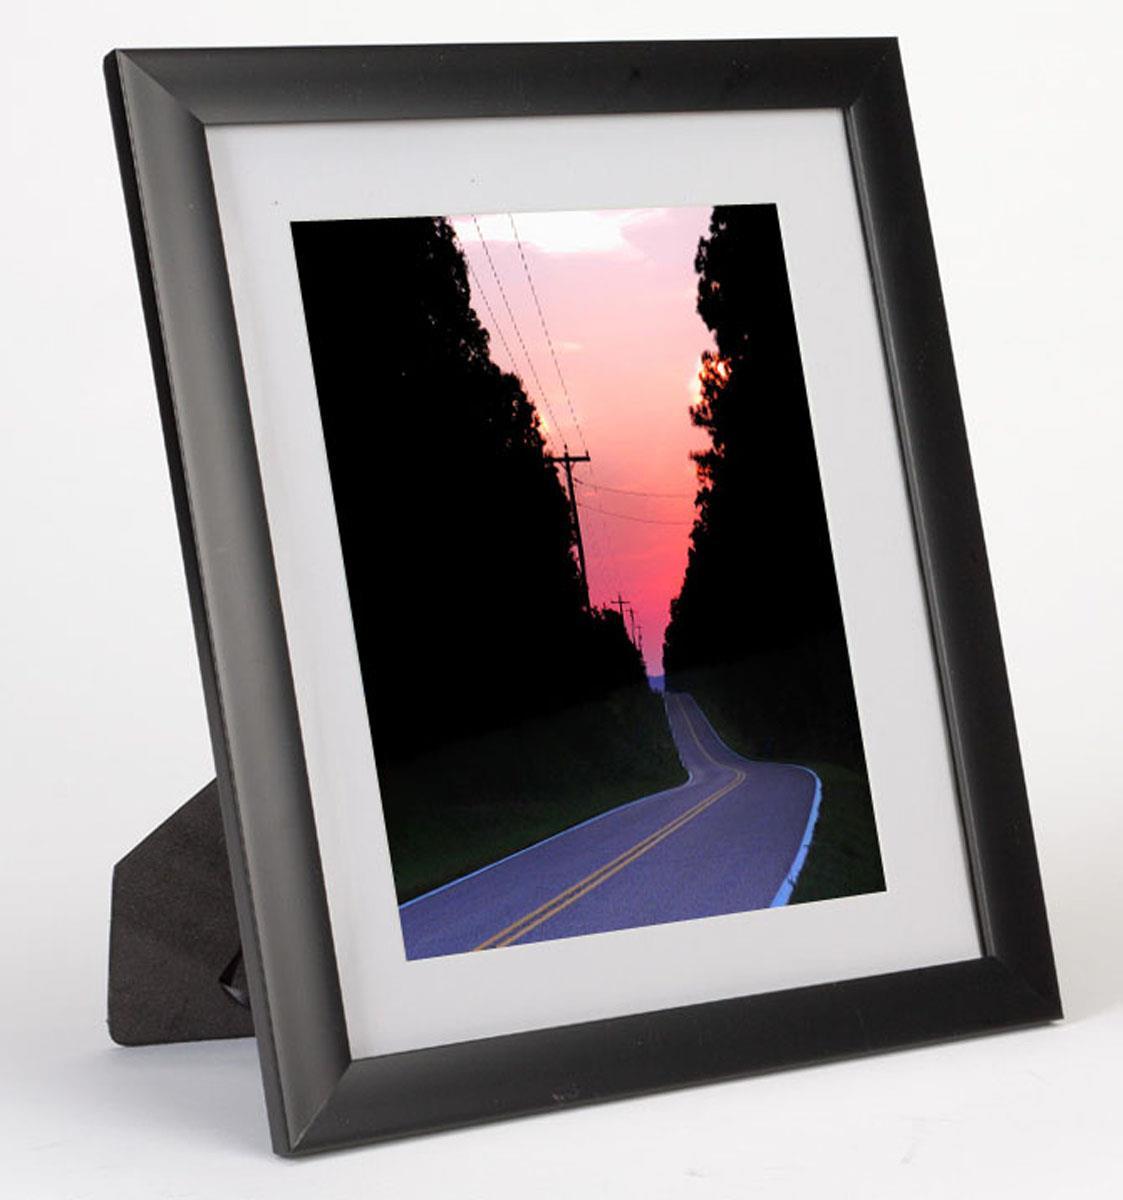 5 Quot X 7 Quot Mat Picture Frame Black Plastic